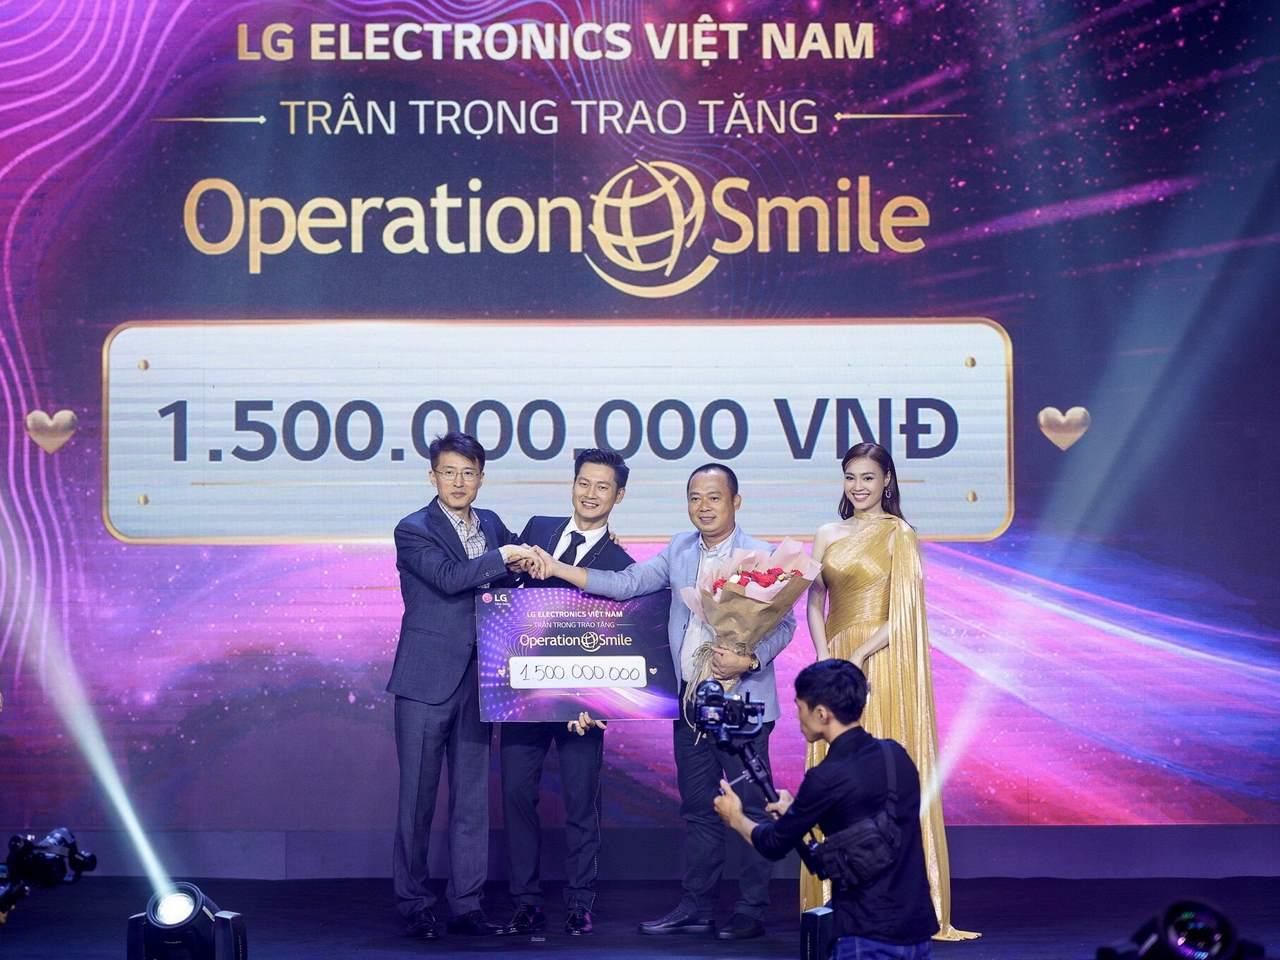 """LG Việt Nam đấu giá TV OLED 8K 88 inch, dành tặng 1,5 tỷ đồng cho tổ chức """"phẫu thuật nụ cười"""""""